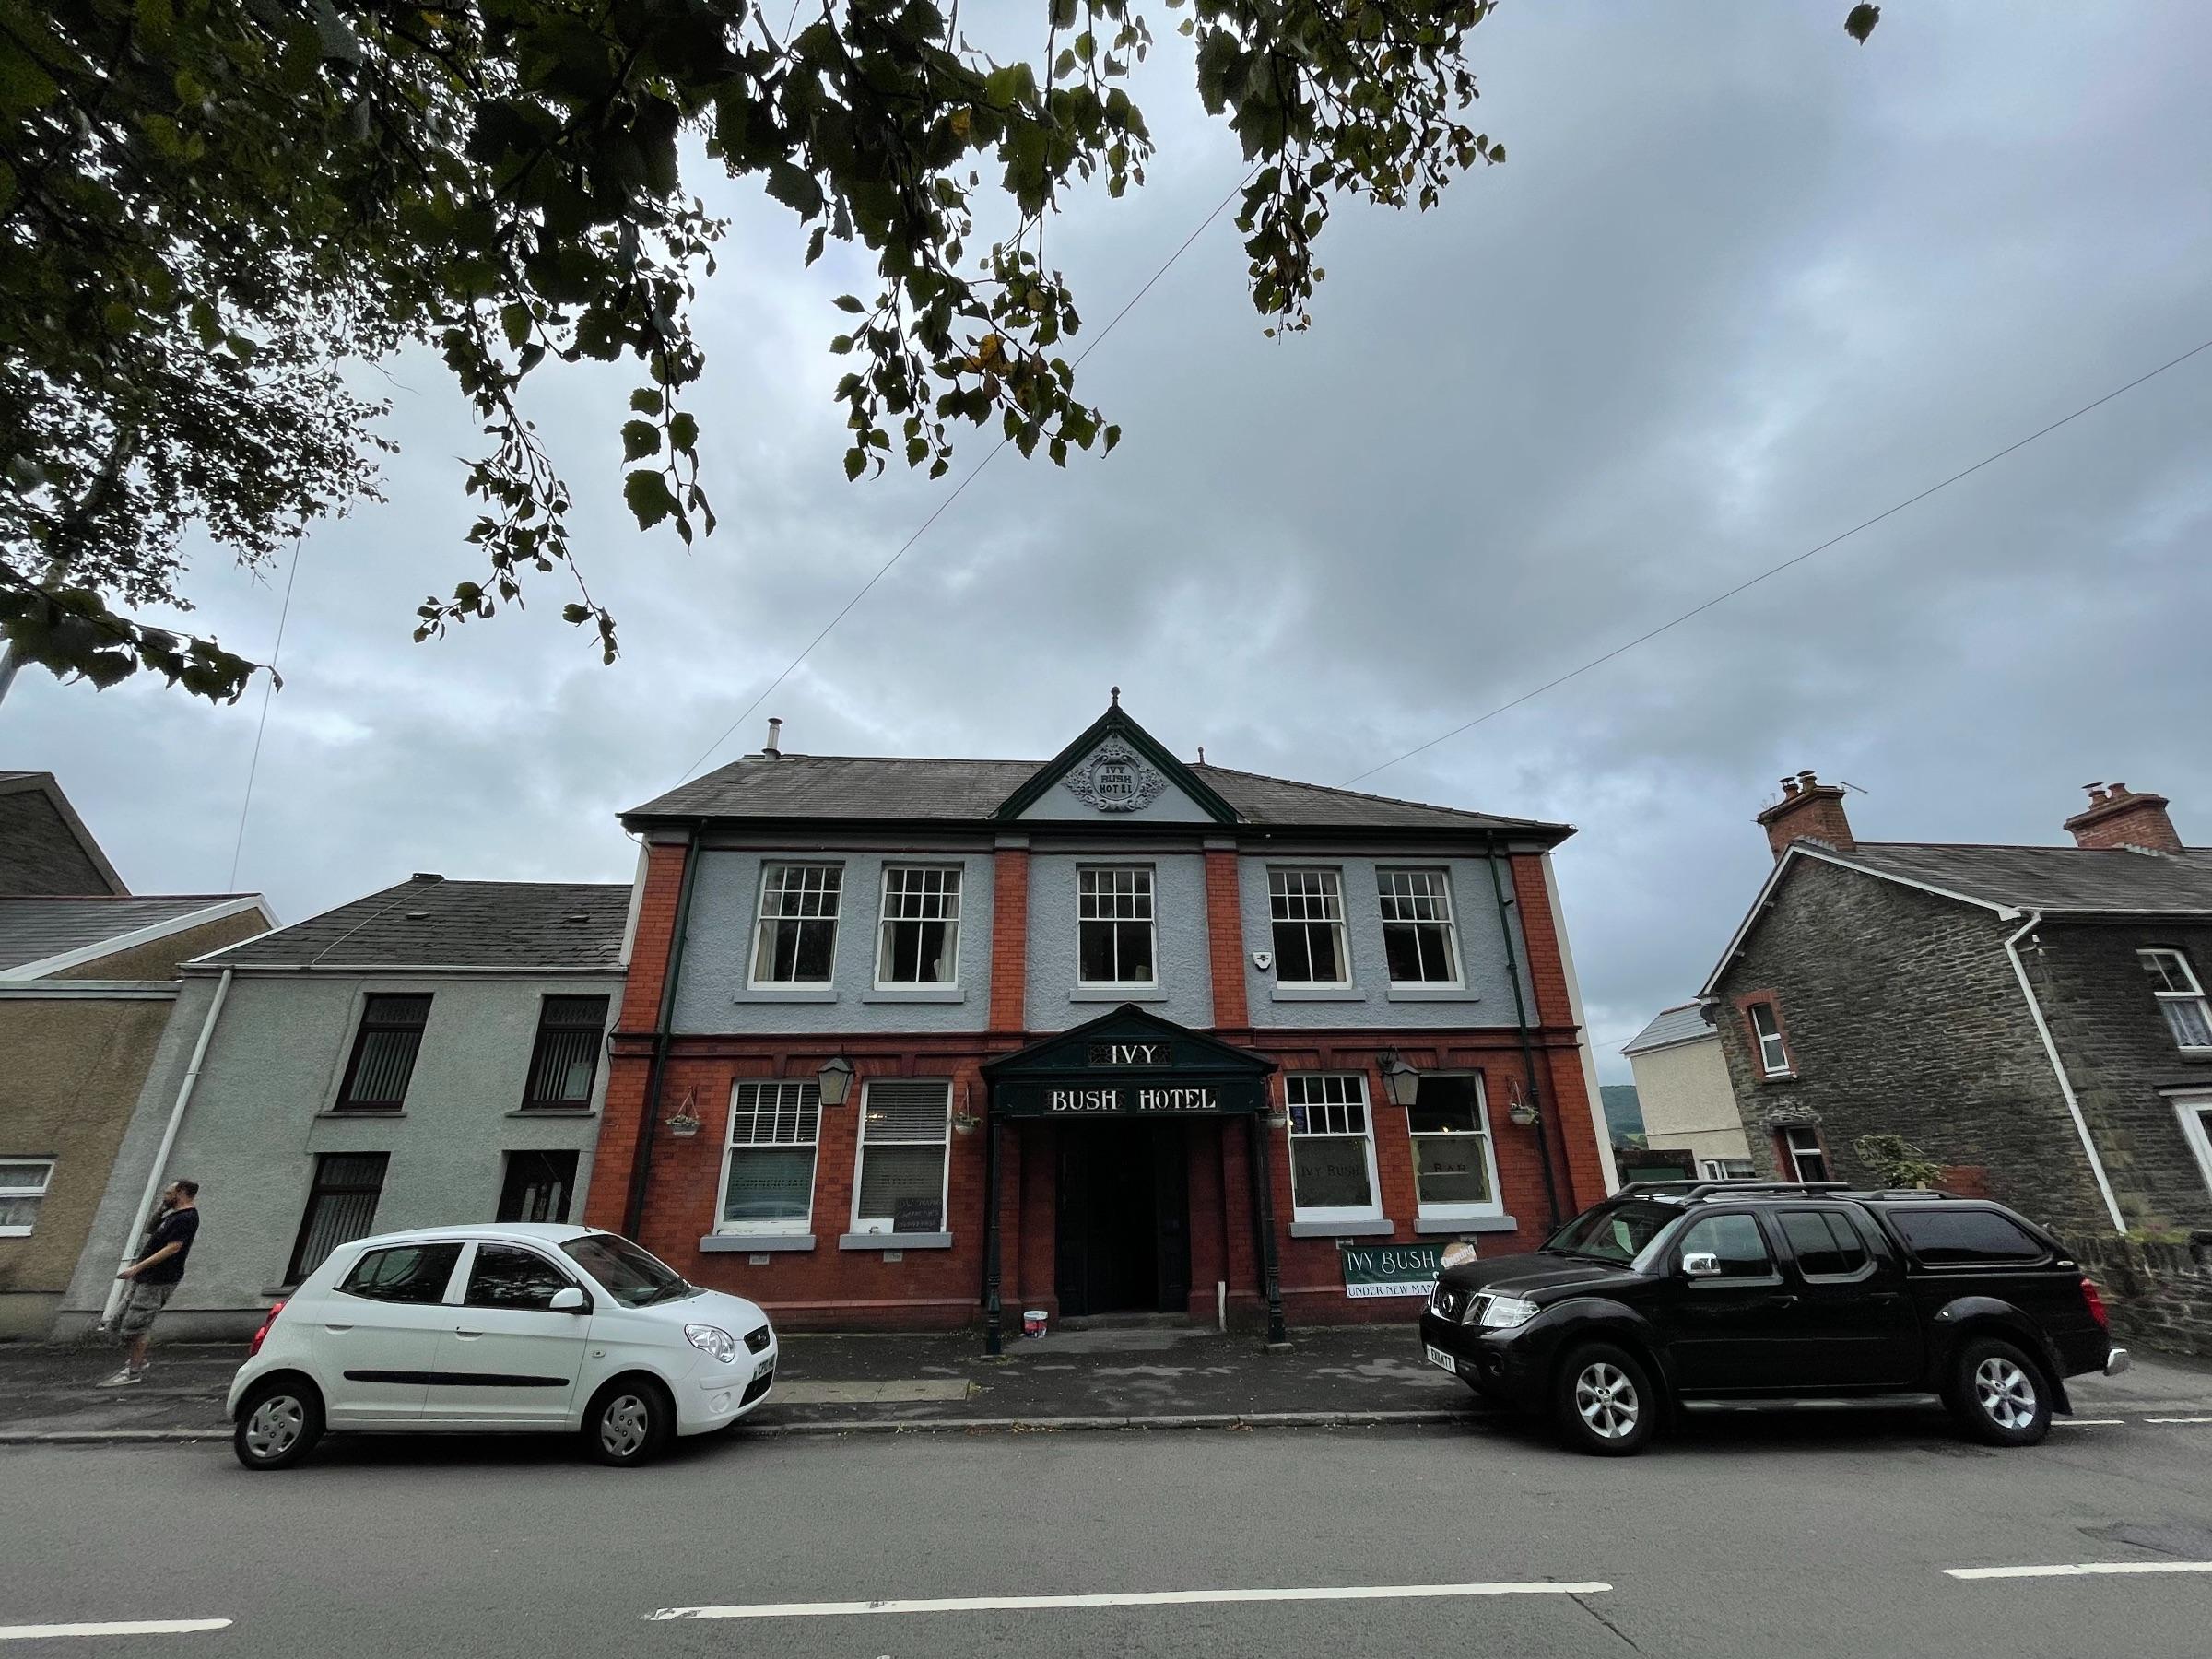 The Ivy Bush,  High Street, Pontardawe, Swansea